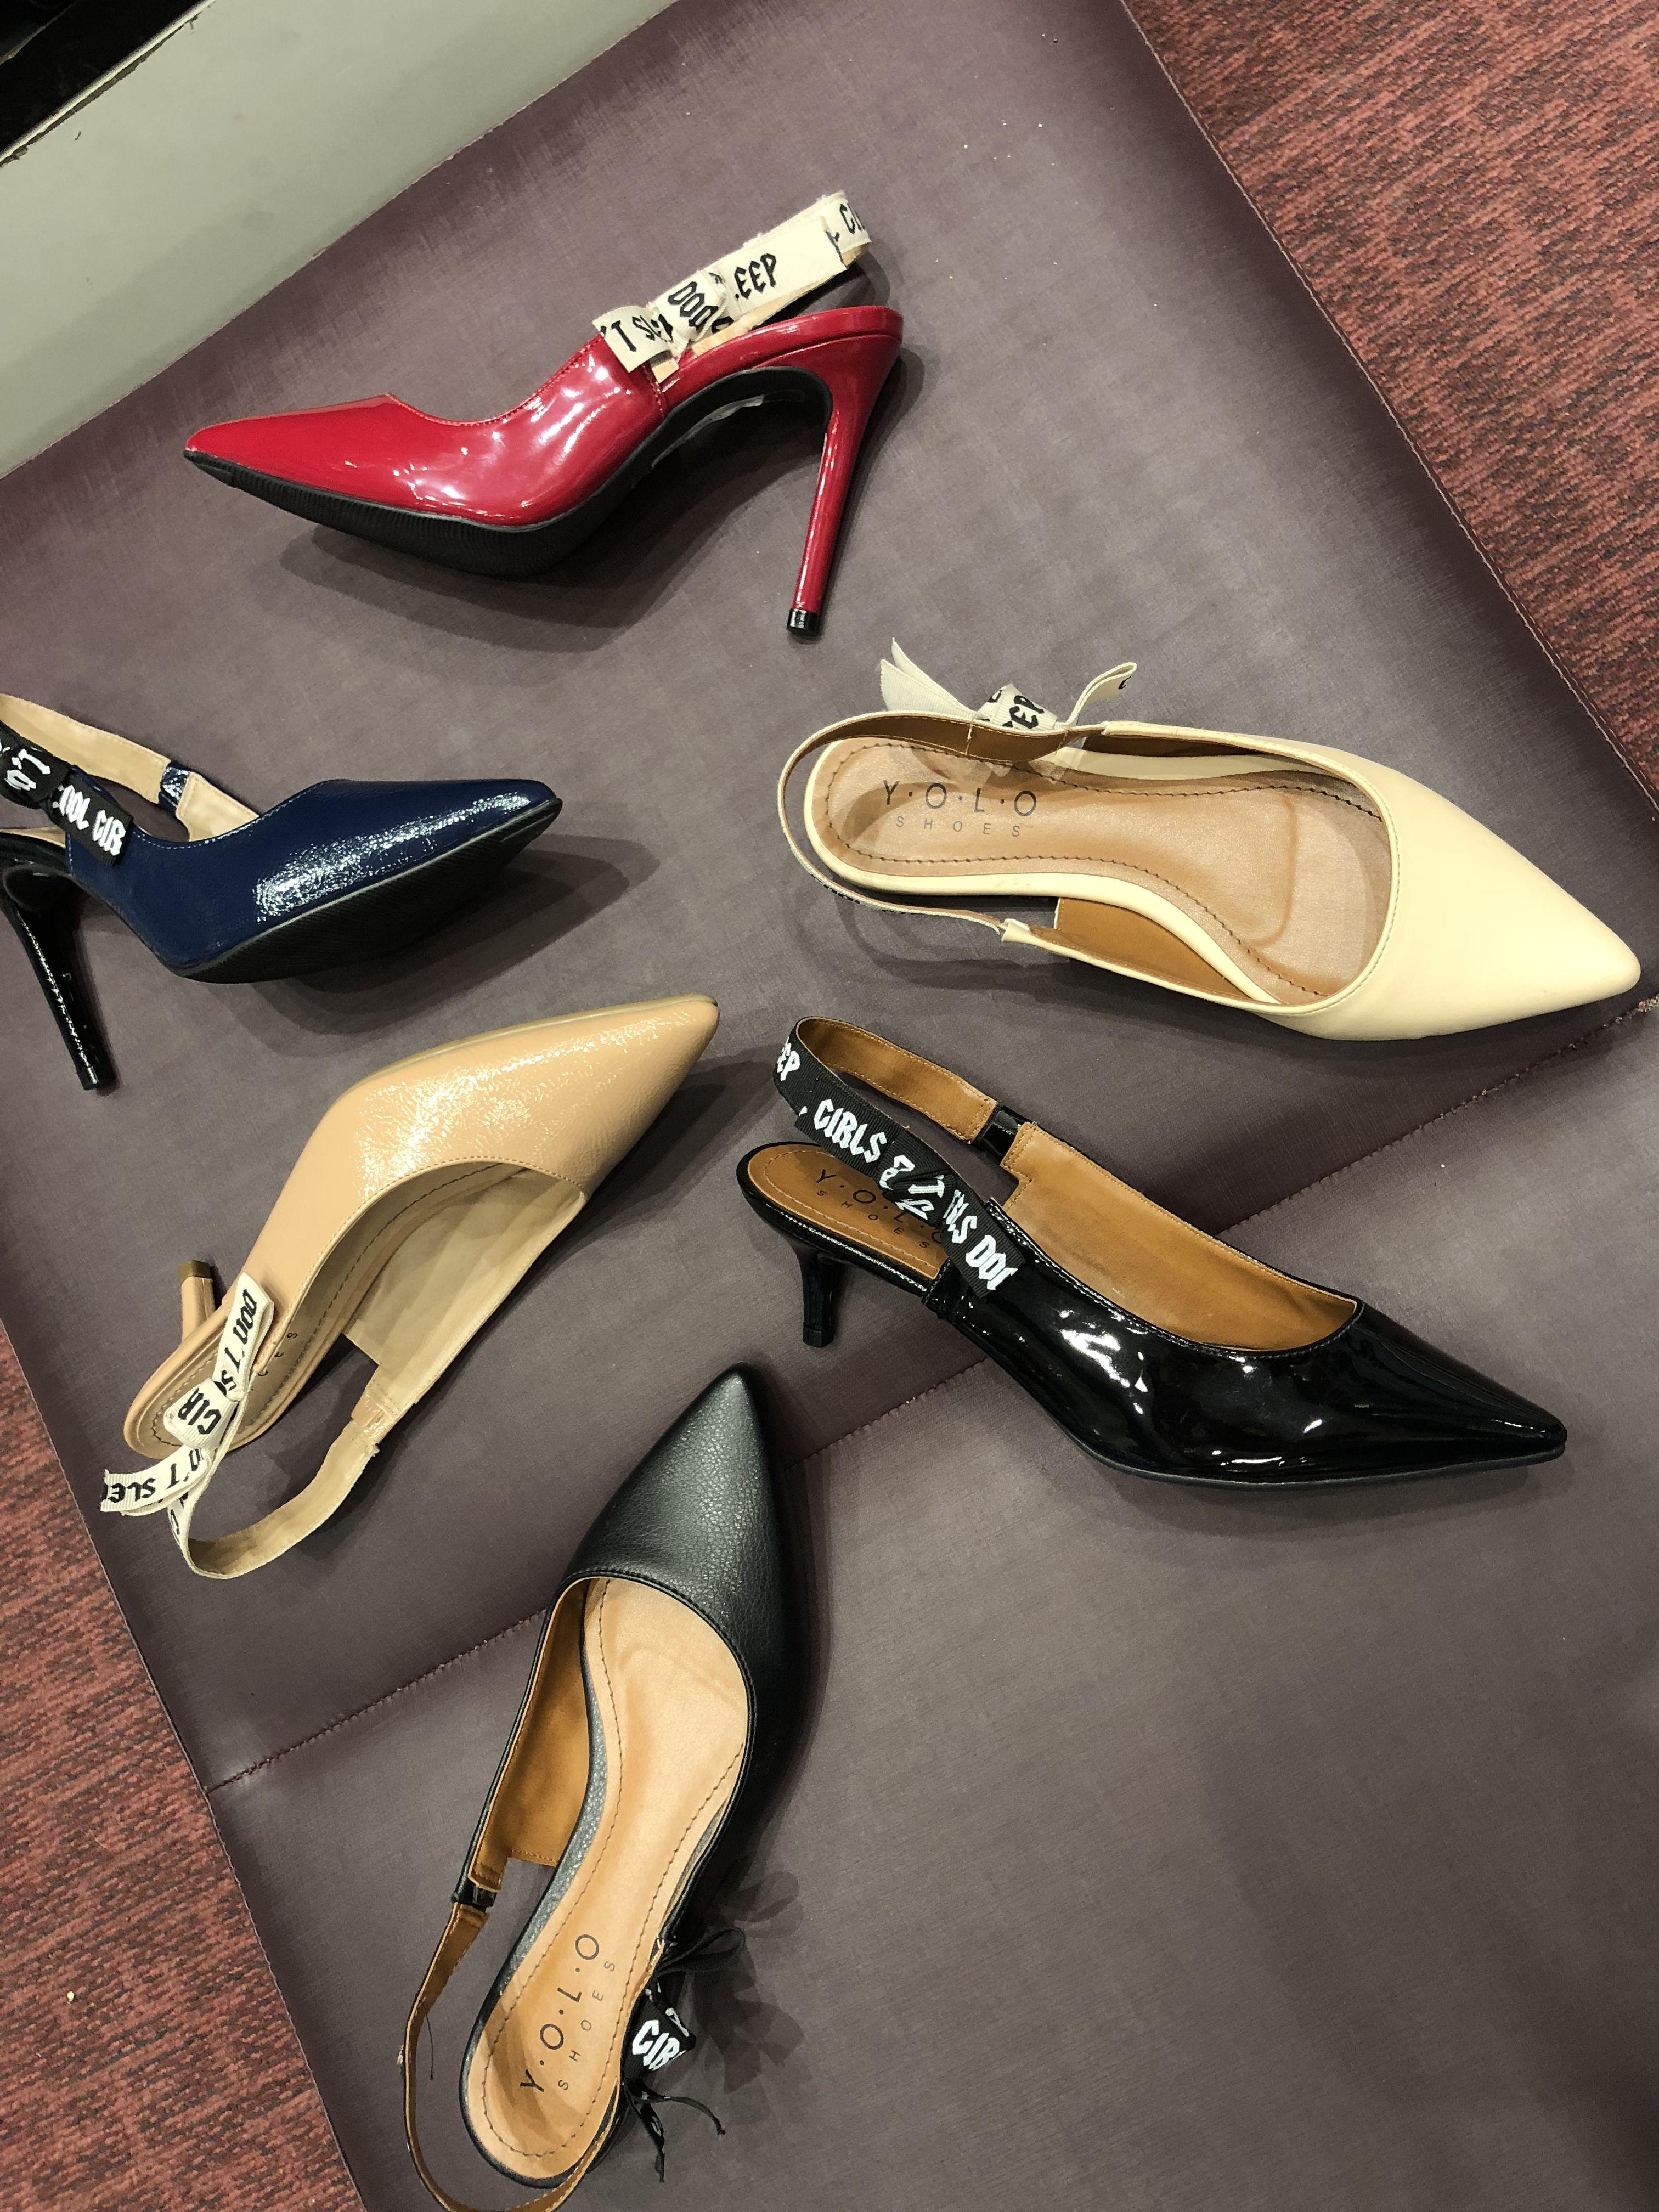 9ed6c84fc2 Tendência sapatos verão 2019. Estilo. Moda feminina. Inspiração Chanel.  Primavera verão.